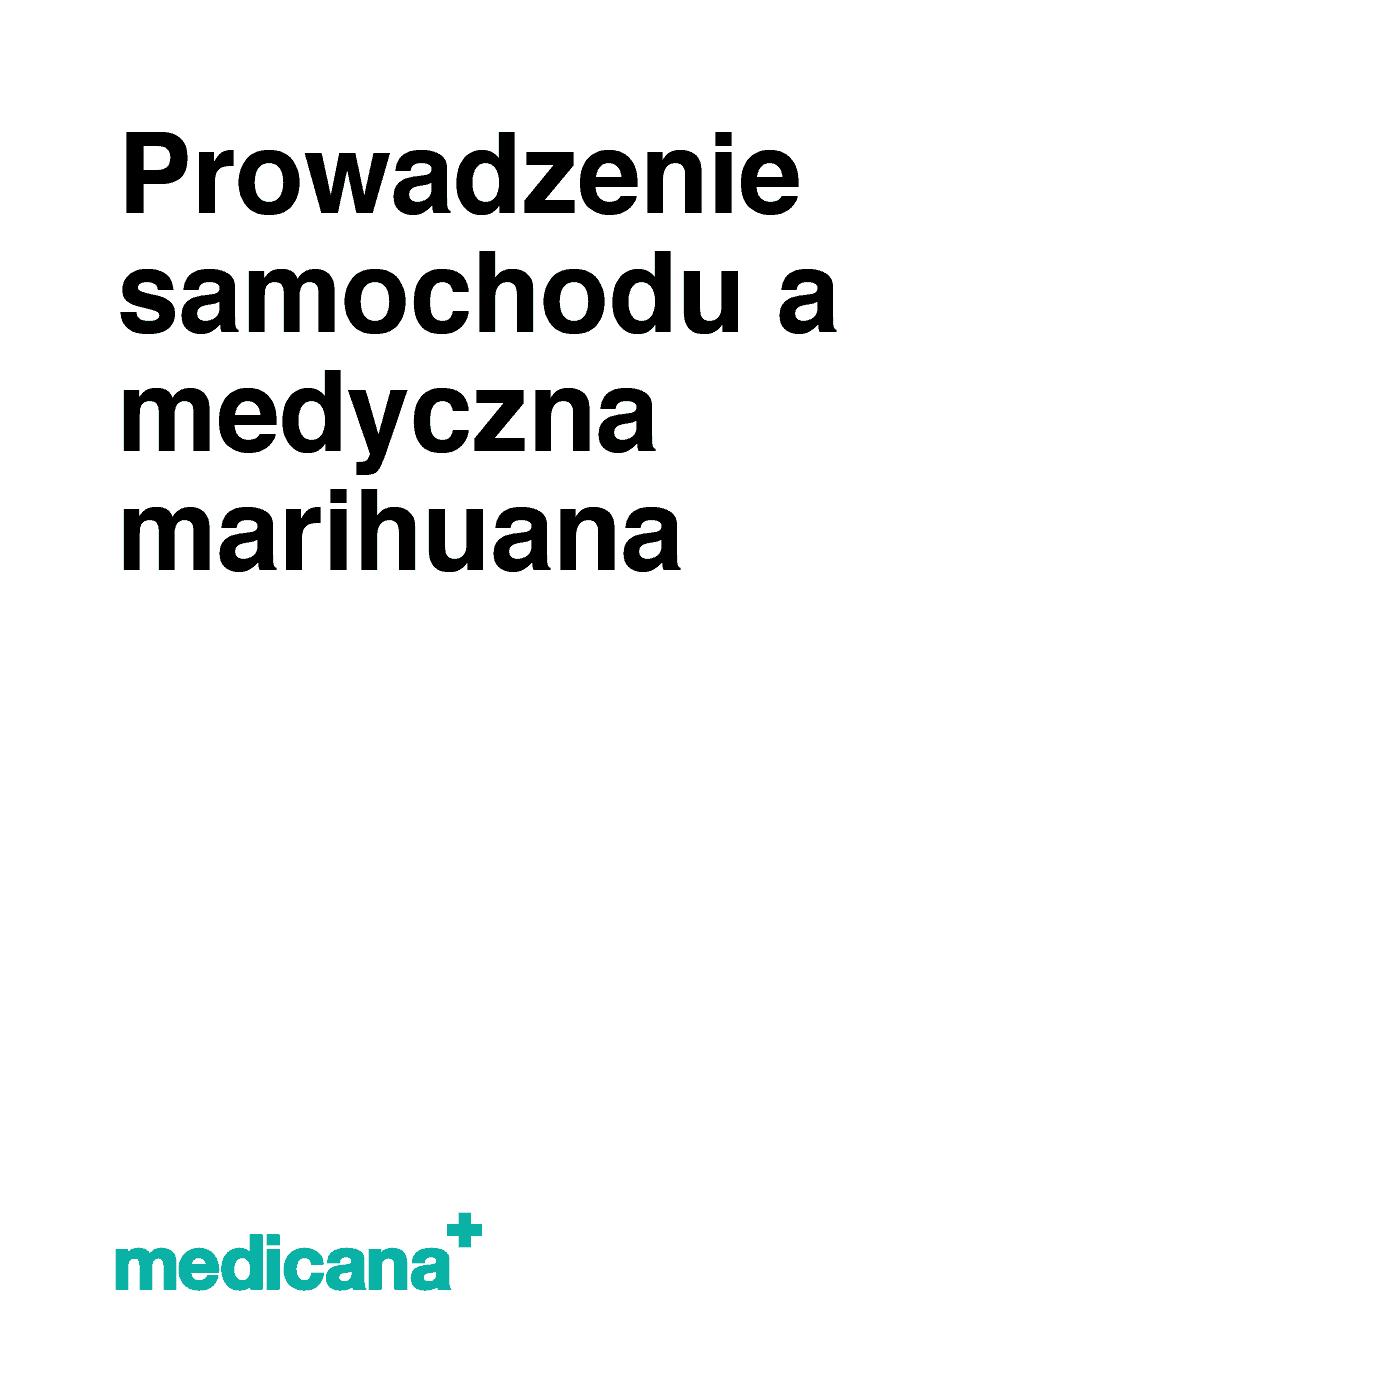 Grafika, białe tło z czarnym napisem Prowadzenie samochodu a medyczna marihuana oraz zielonym logo Medicana w lewym dolnym rogu.